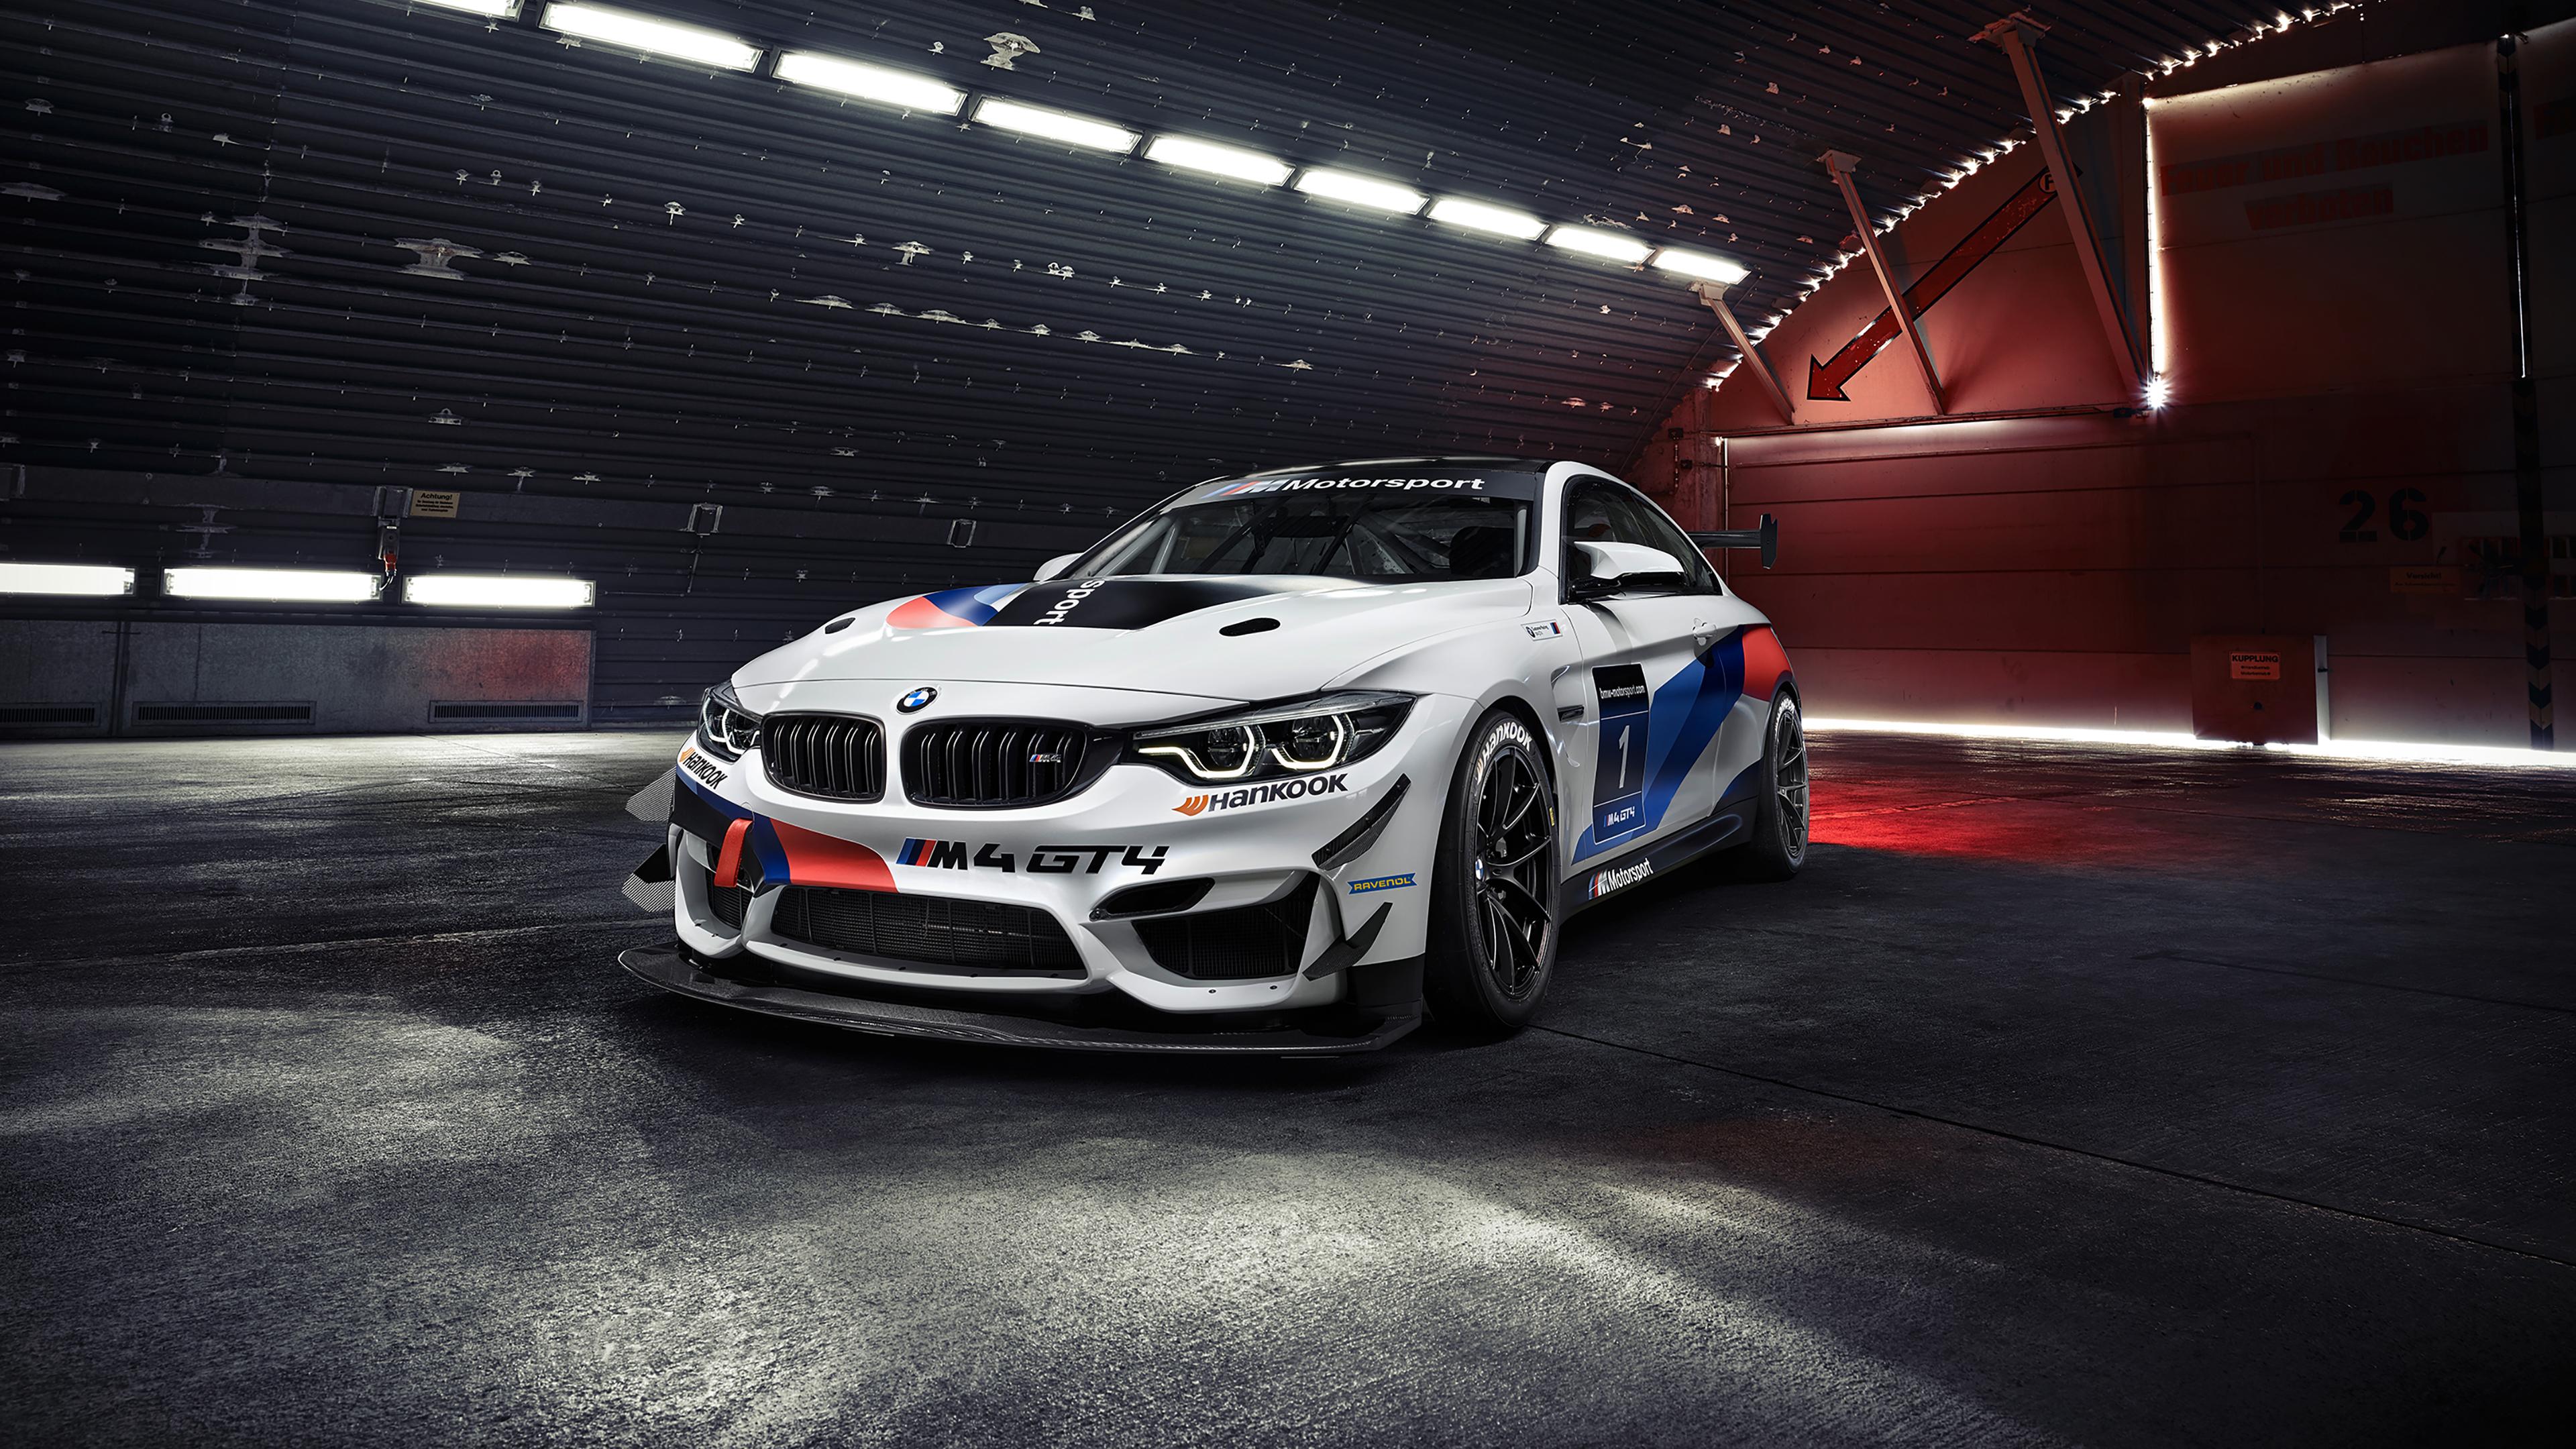 BMW M4 GT4 4K 3 Wallpaper   HD Car Wallpapers   ID #14933